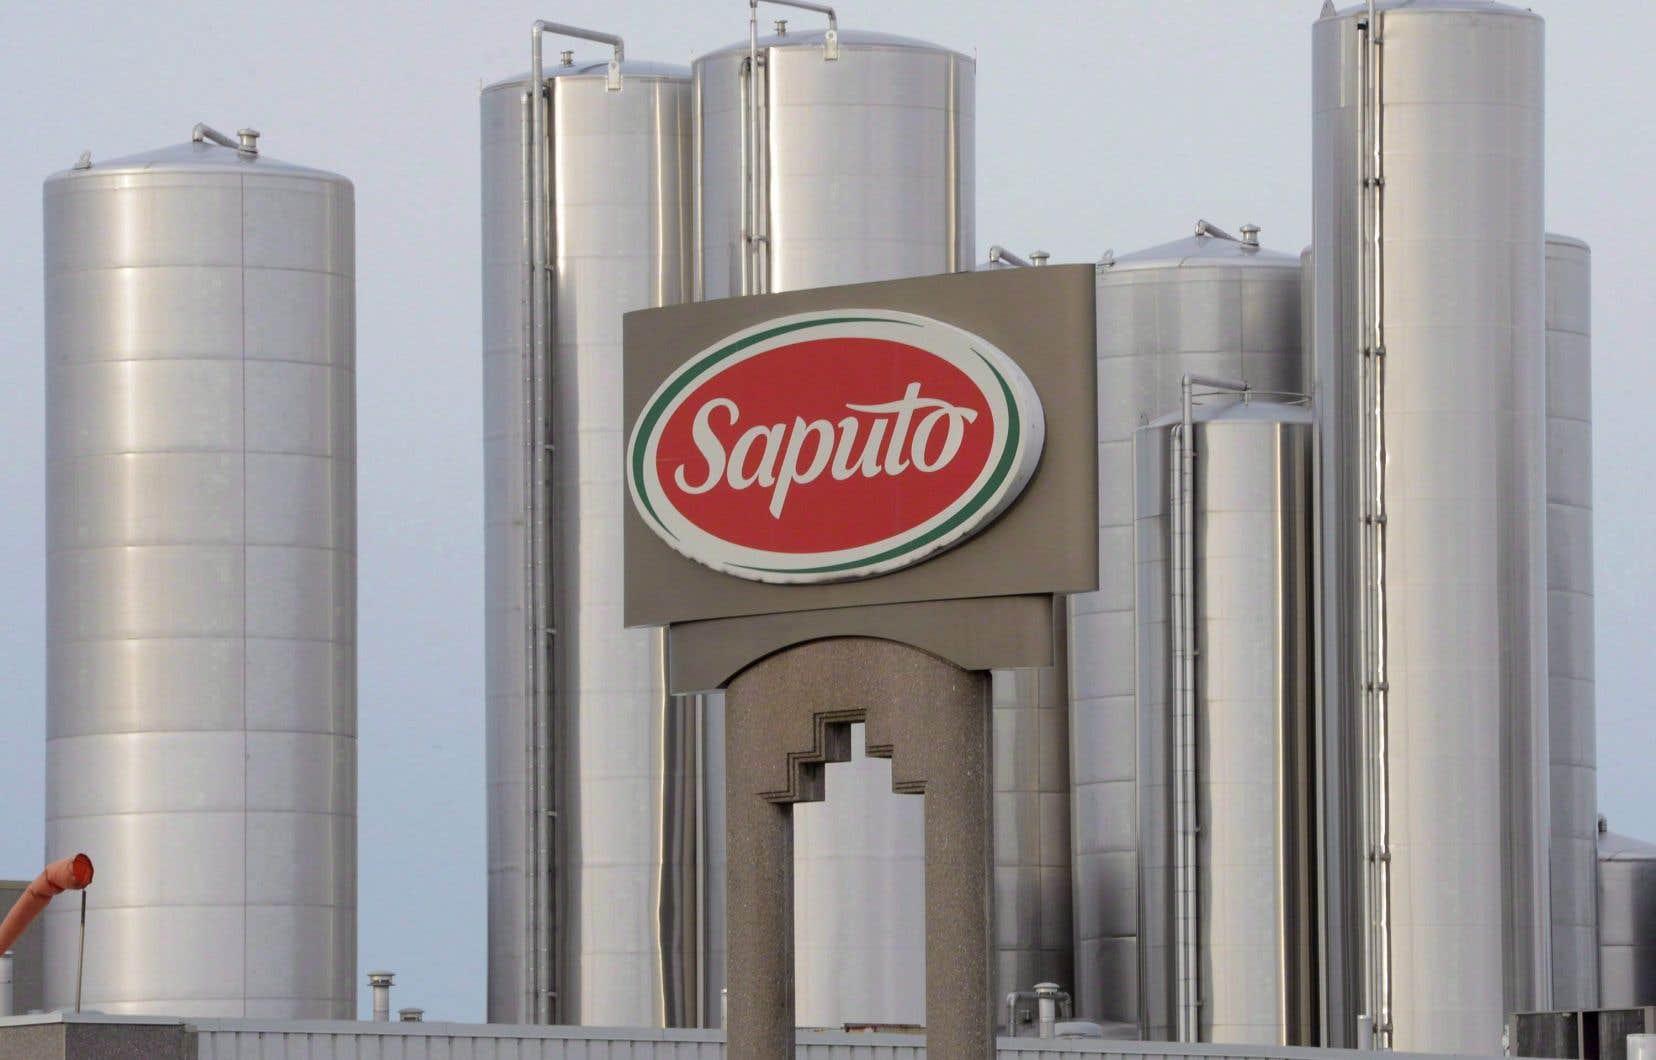 La transaction permettrait à Saputo d'étendre sa présence internationale et de pénétrer le marché britannique.